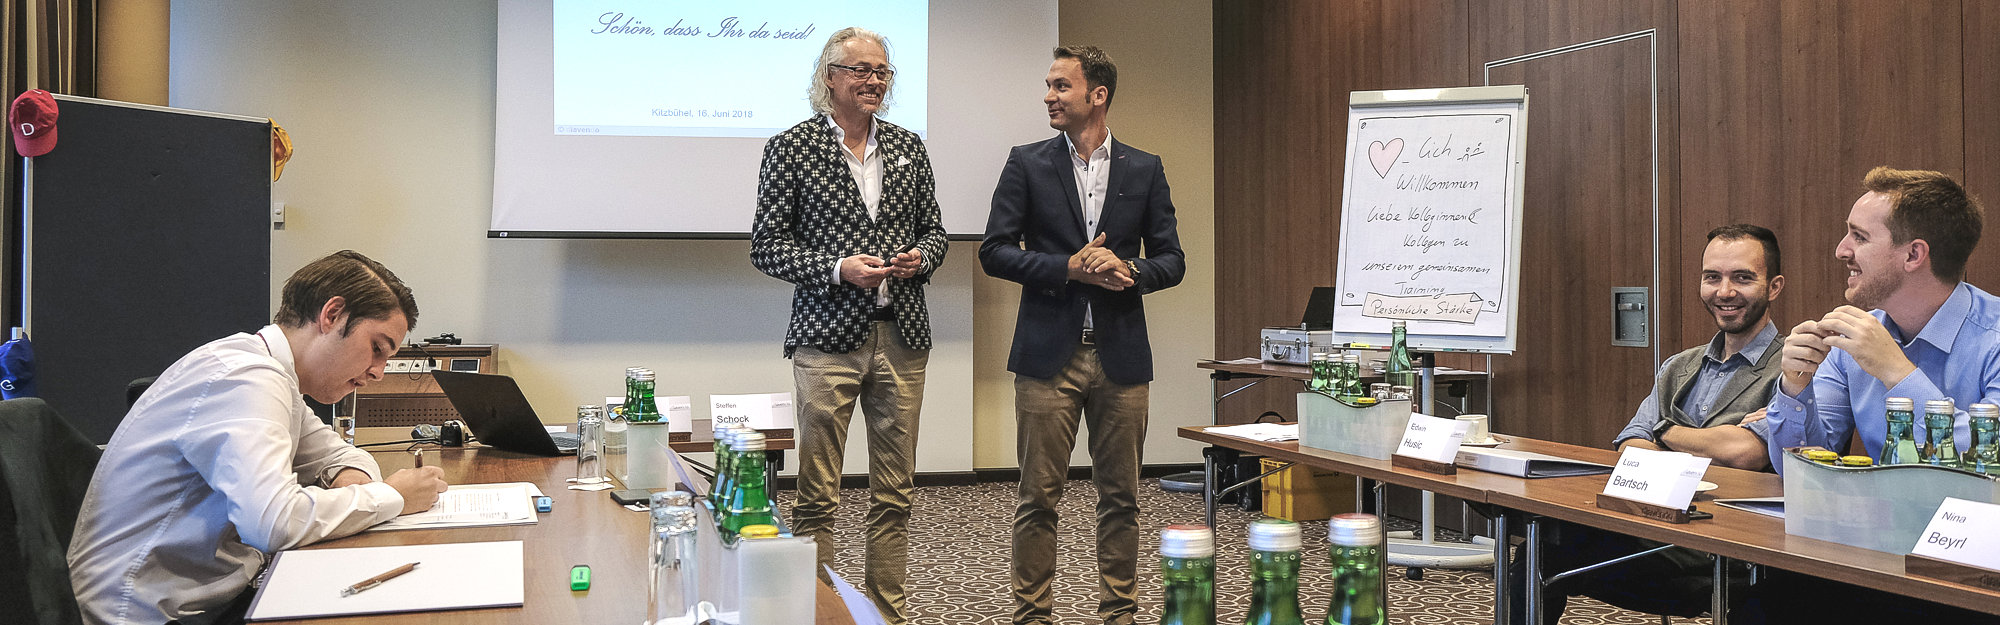 diavendo - Bernhard Patter & Steffen Schock - Training, Coaching & Persönlichkeitsentwicklung